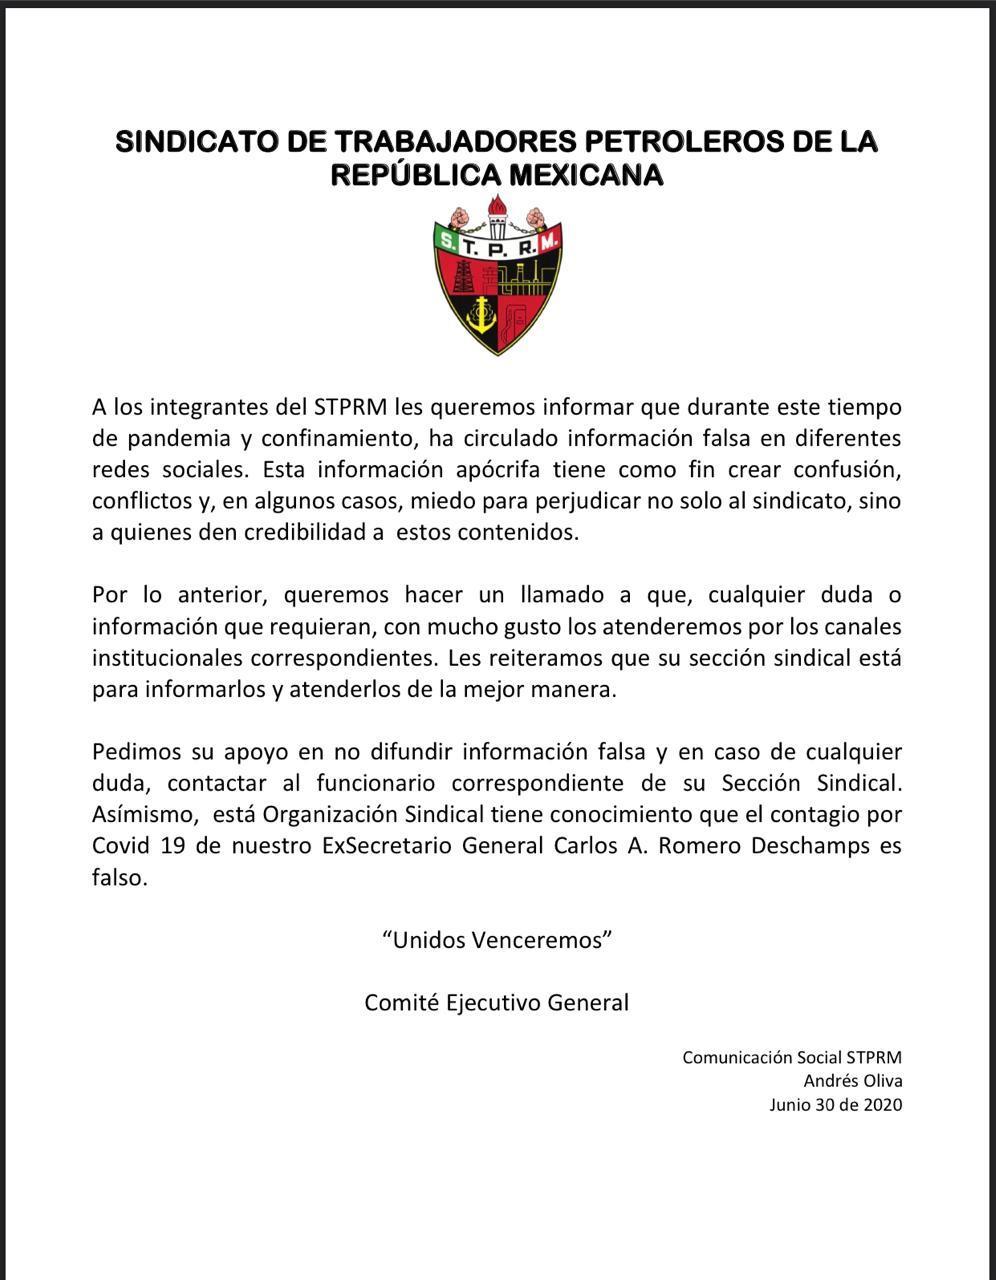 STPRM Romero Deschamps